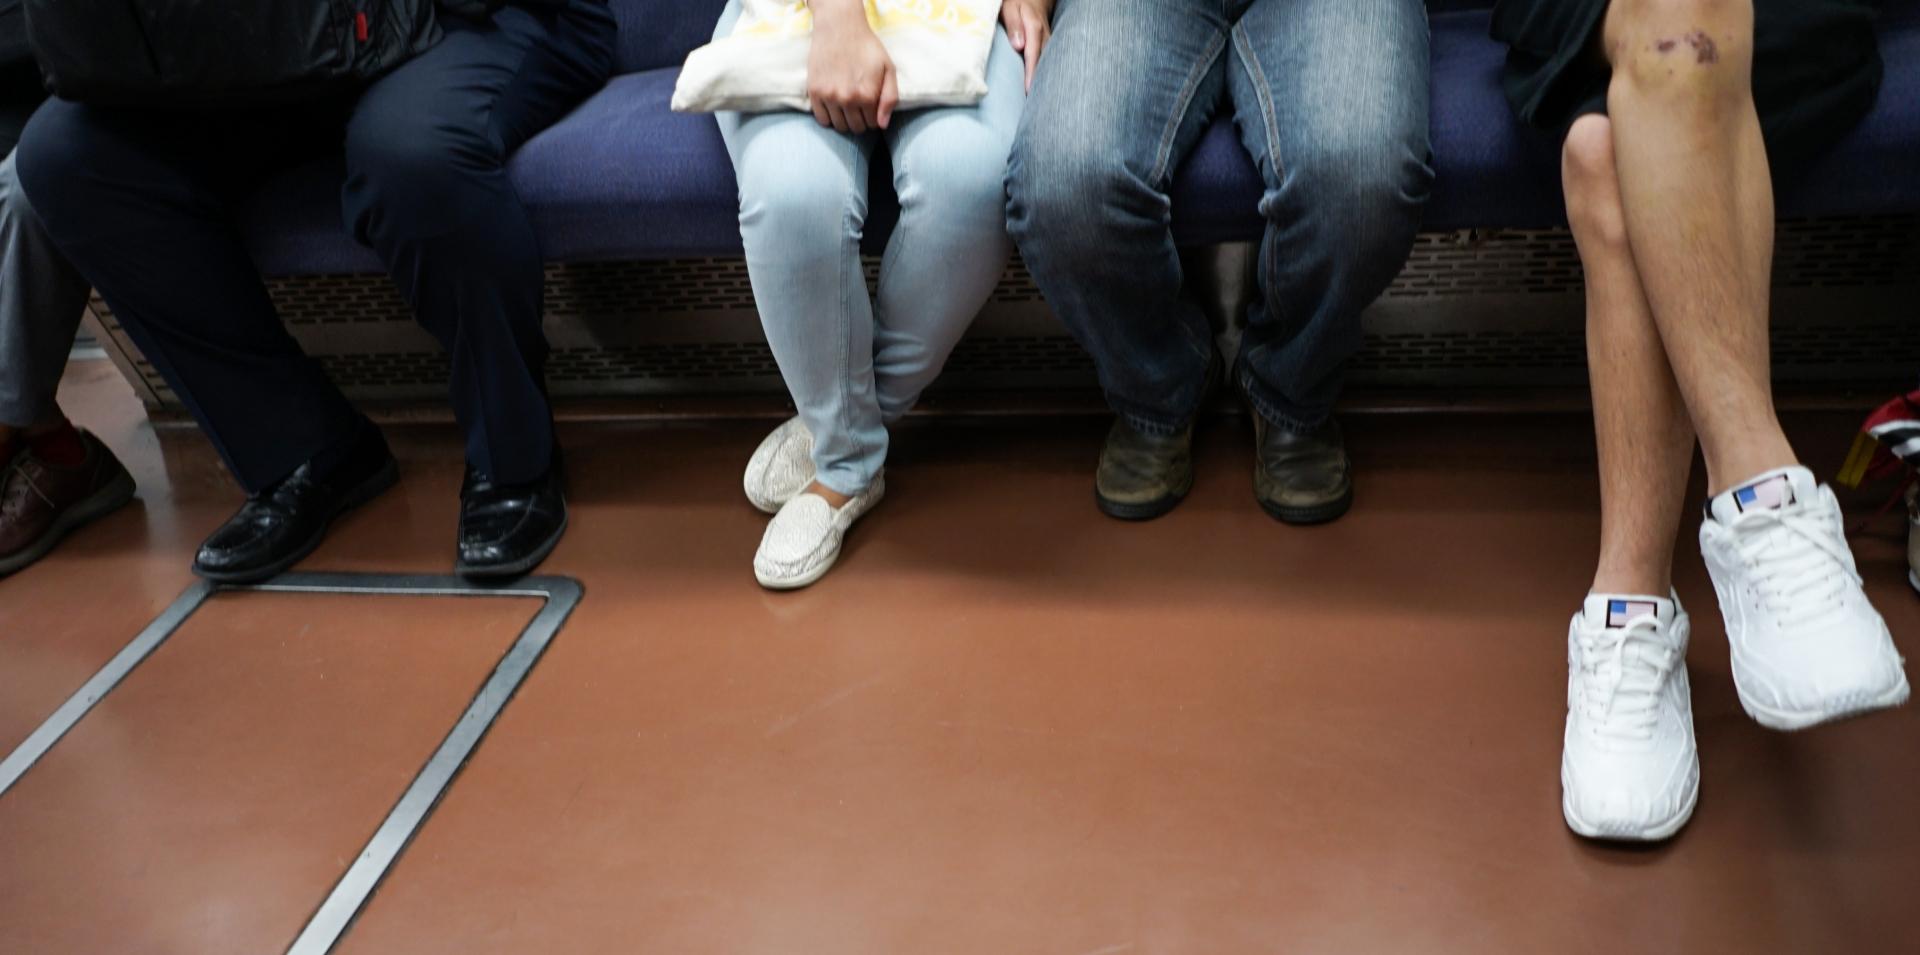 電車でカバンはどうしてる?邪魔になるカバンの対処方法